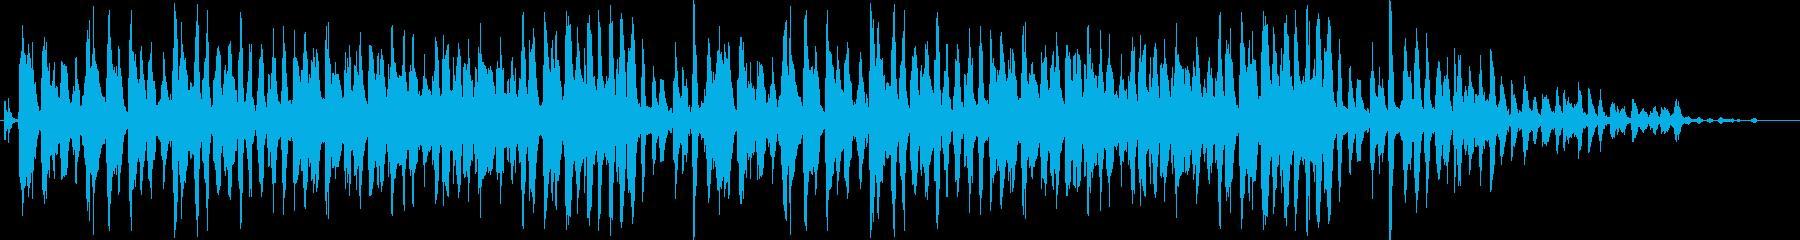 昔のスイングジャズサウンドはビッグ...の再生済みの波形